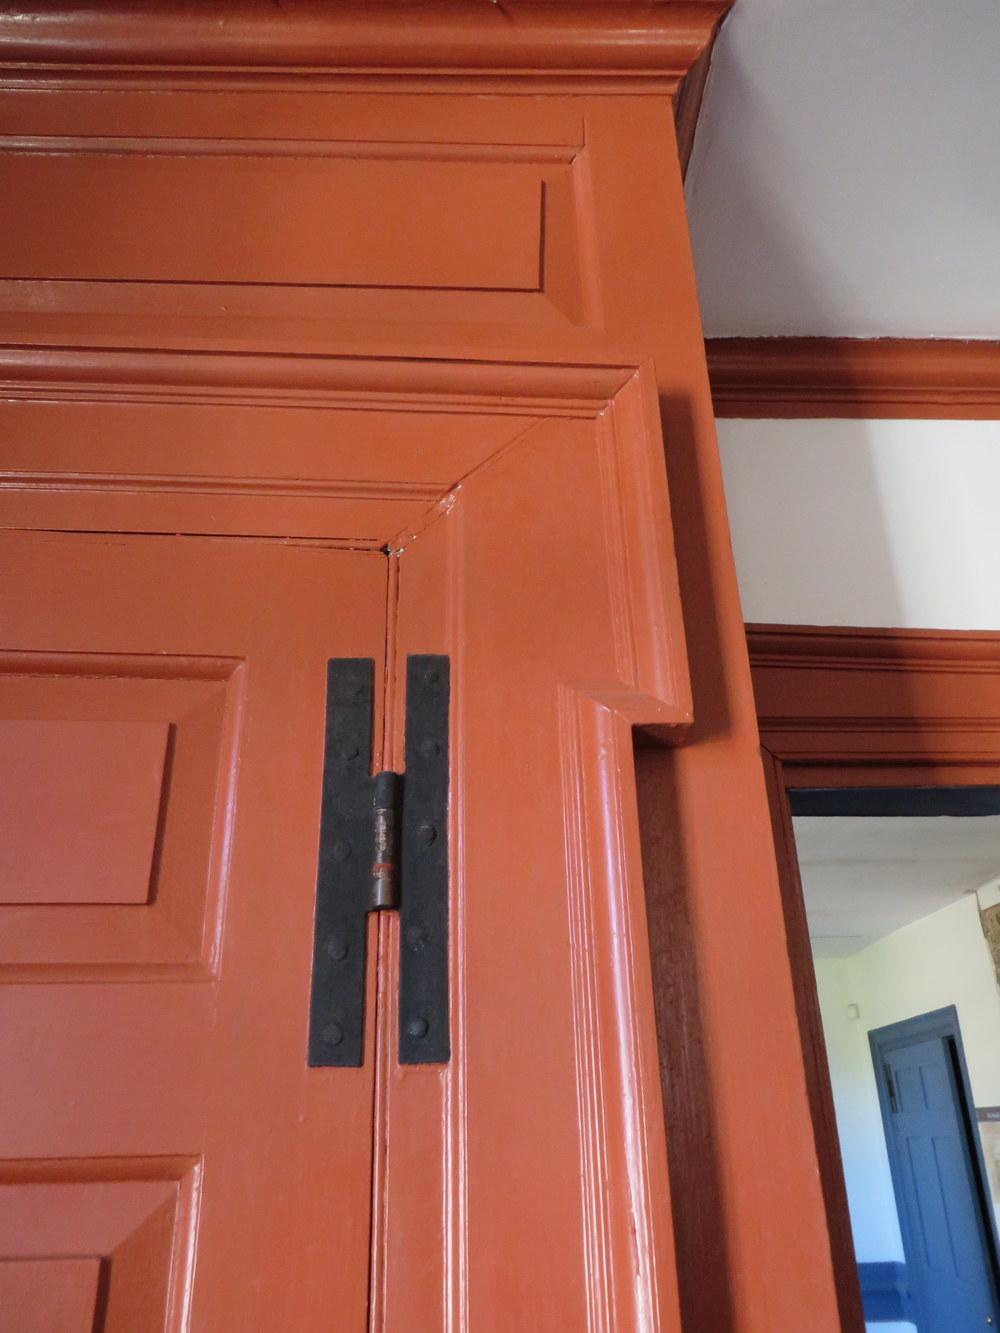 lastbedroom-trim.JPG